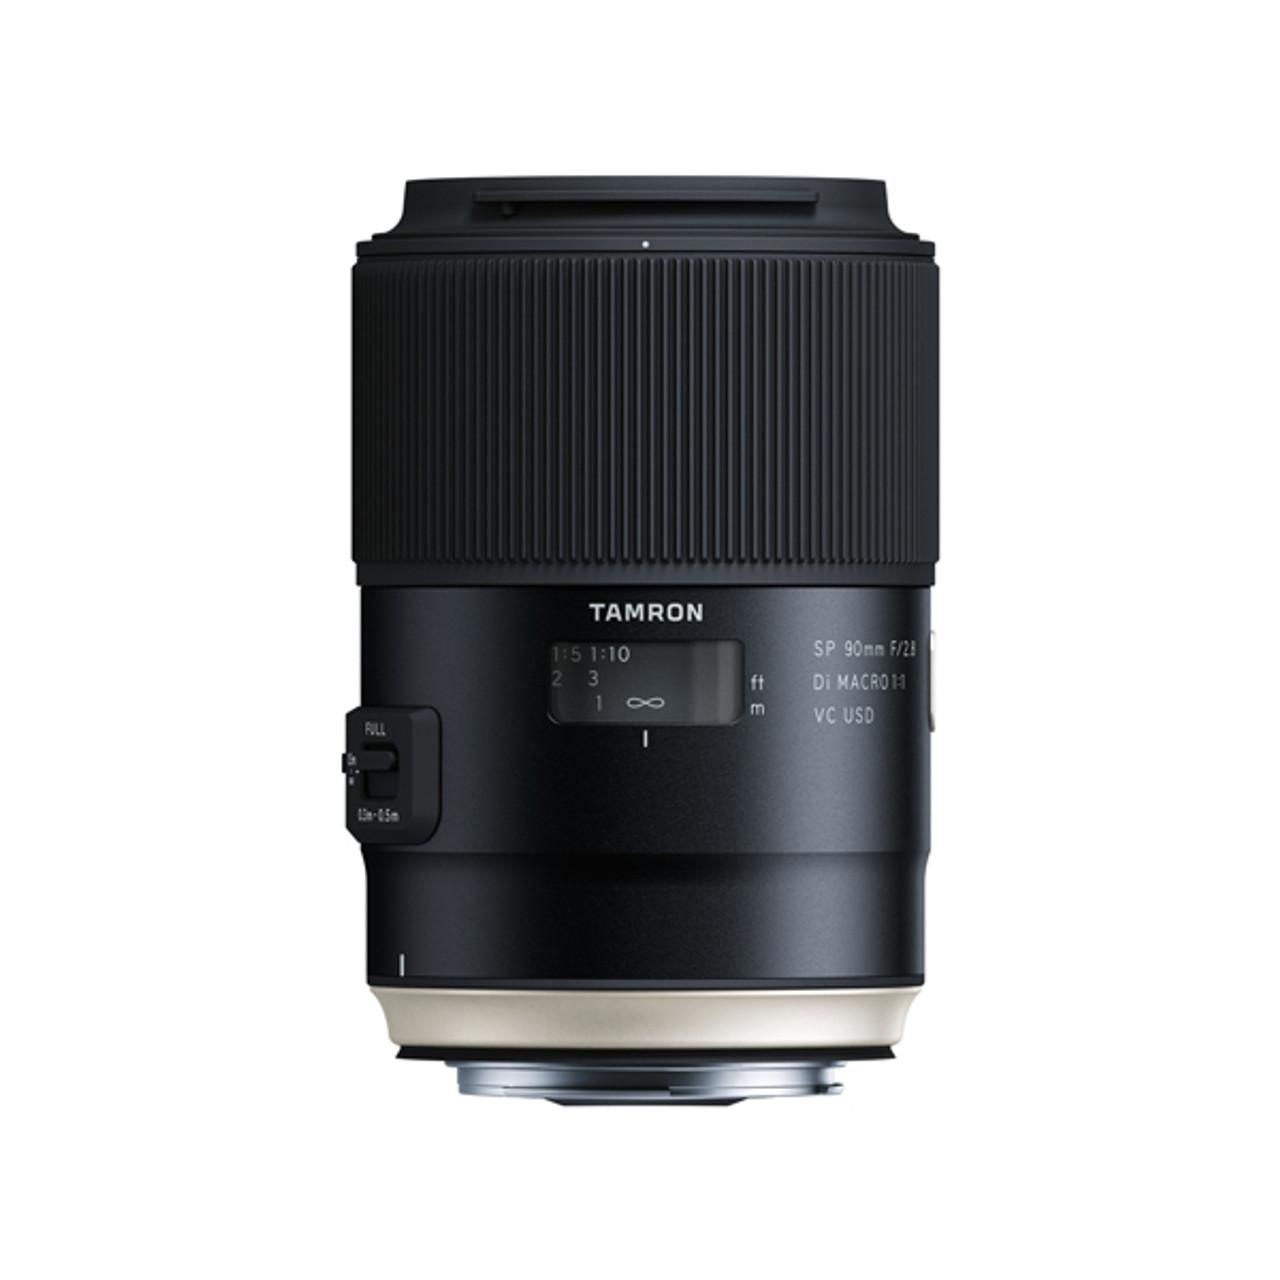 Tamron 90mm F2.8 Di VC USD R2 Canon